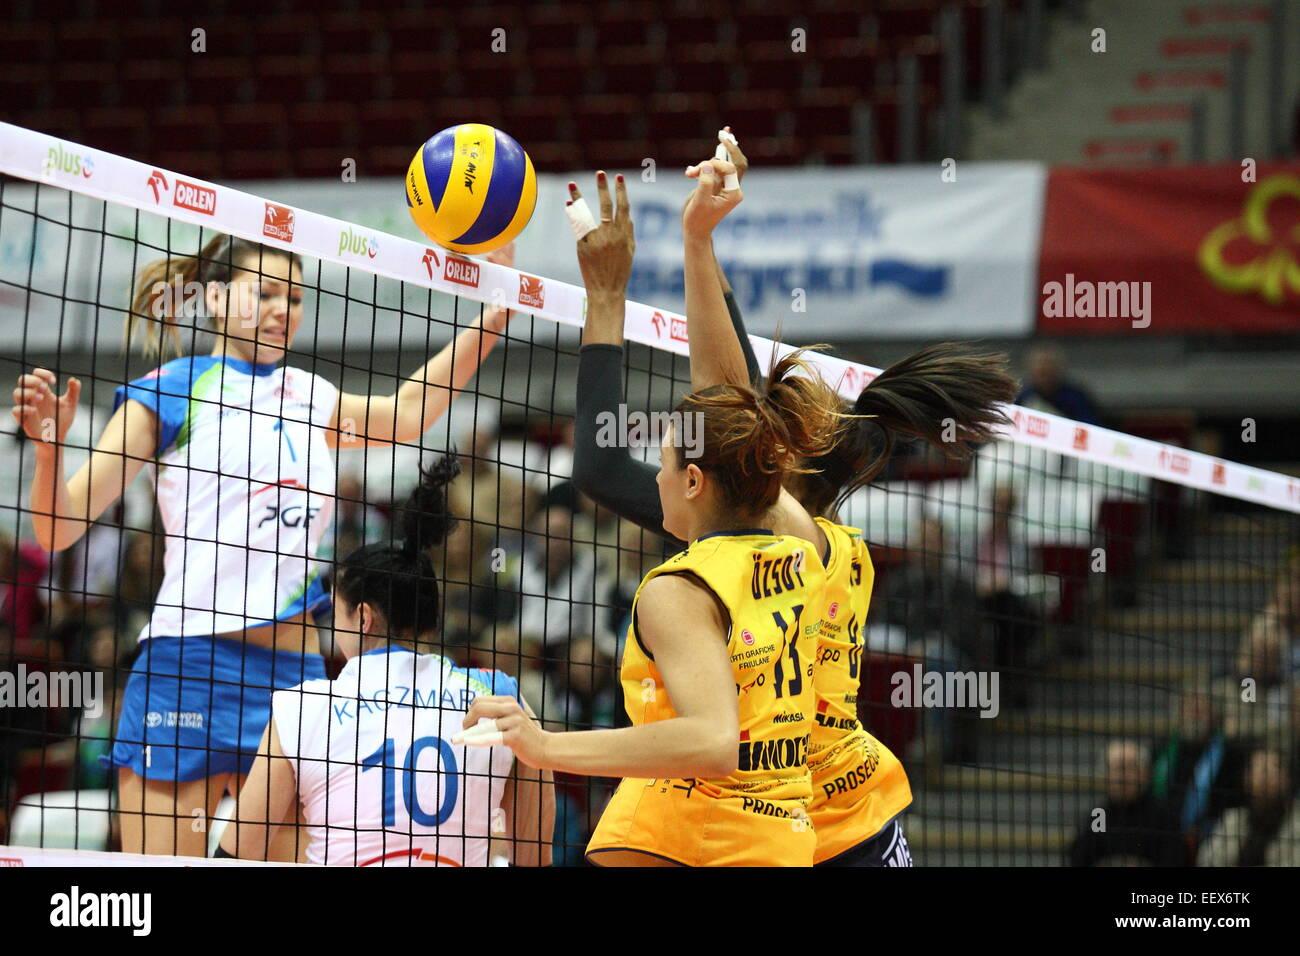 Sopot, Pologne, le 22 avril 2015 Volley-ball CEV Cup 2015 . Atome Trefl Sopot PGE Prosecco Conegliano dans Doc-Imoco Photo Stock